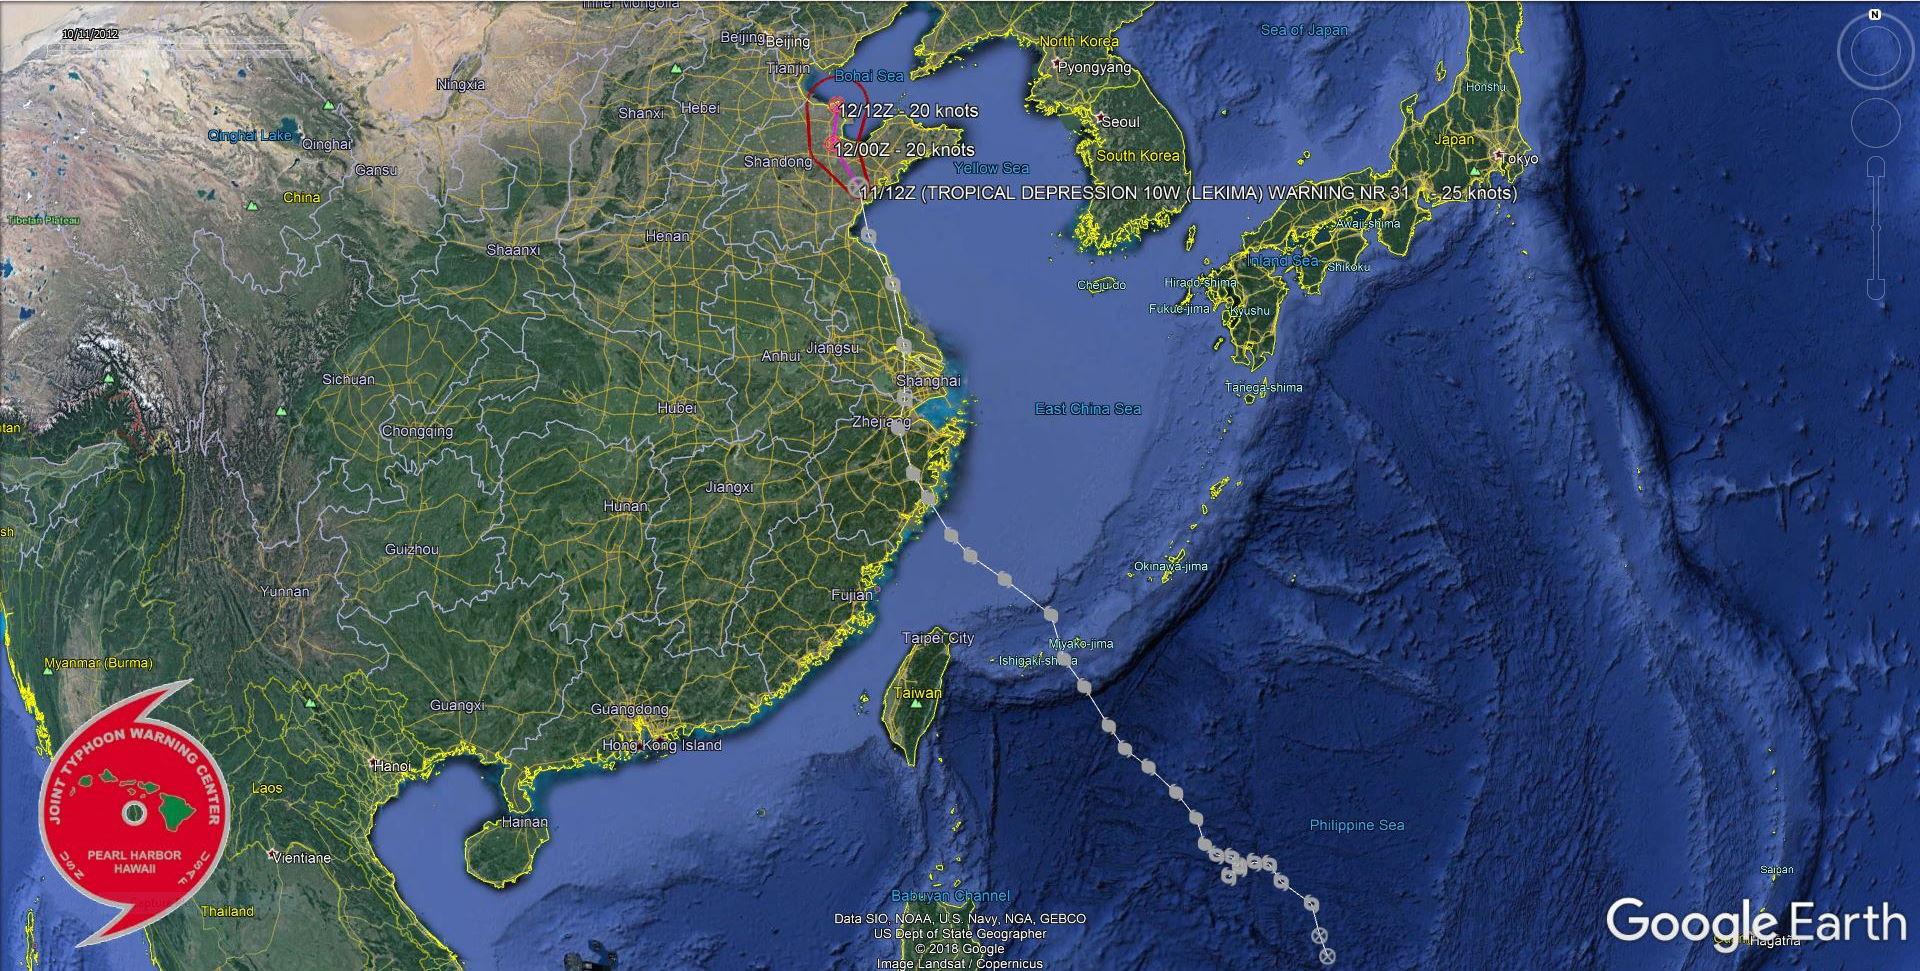 """Trajectoire suivie par le Typhoon """"LEKIMA(10W)"""" qui avait atteint son pic d'intensité à l'Est de Taiwan soit le premier stade de Super Typhon(= super cyclone) avec des rafales estimées à 300km/h près de l'oeil en mer. JTWC"""